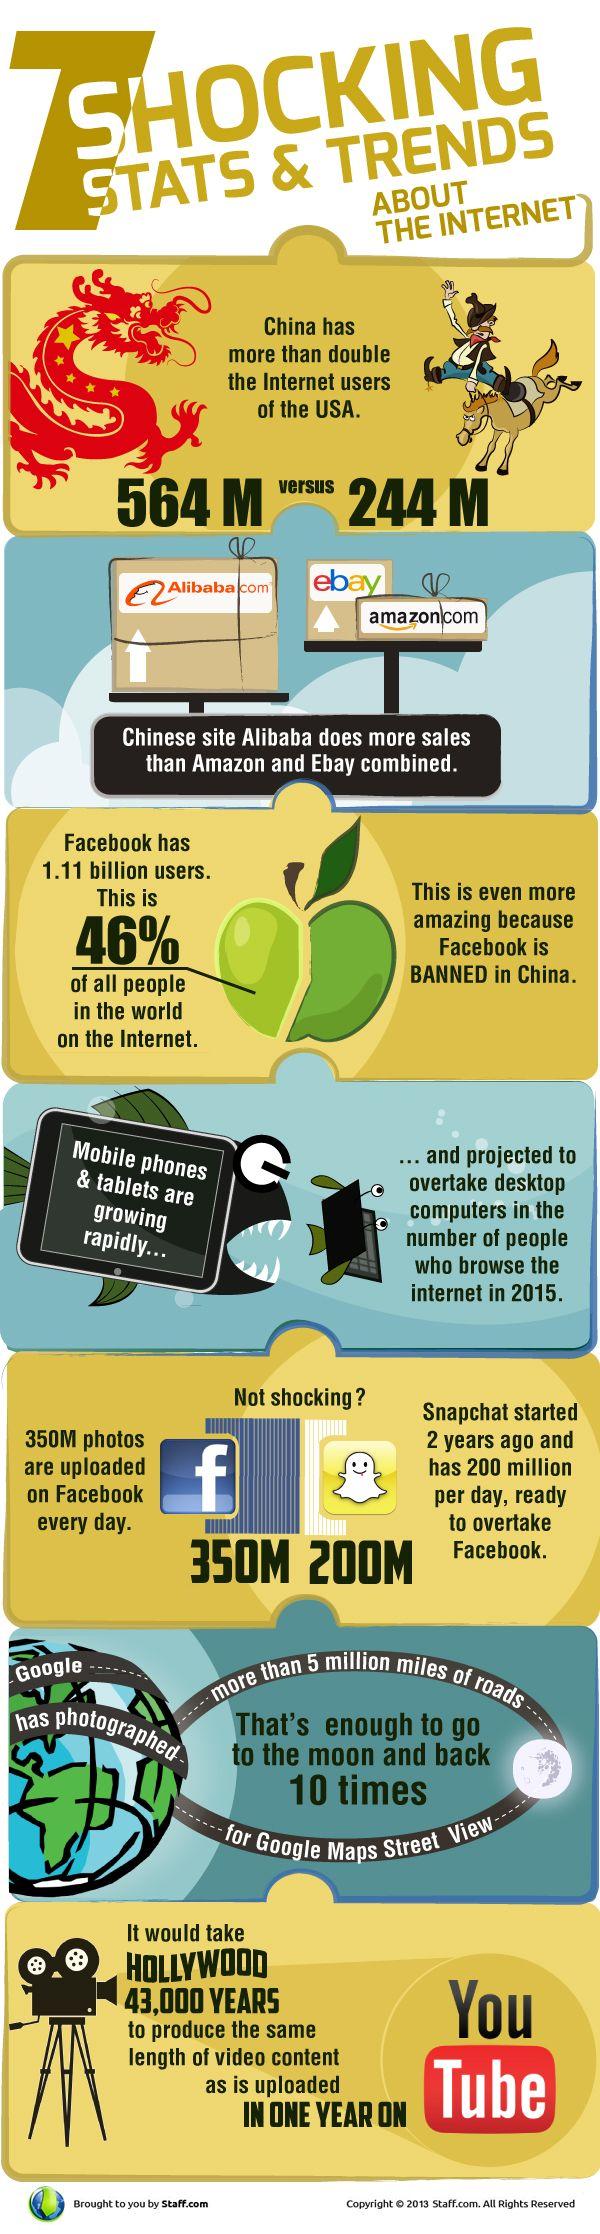 7 sorprendentes estadísticas y tendencias sobre #Internet. #infografia #infographic >>